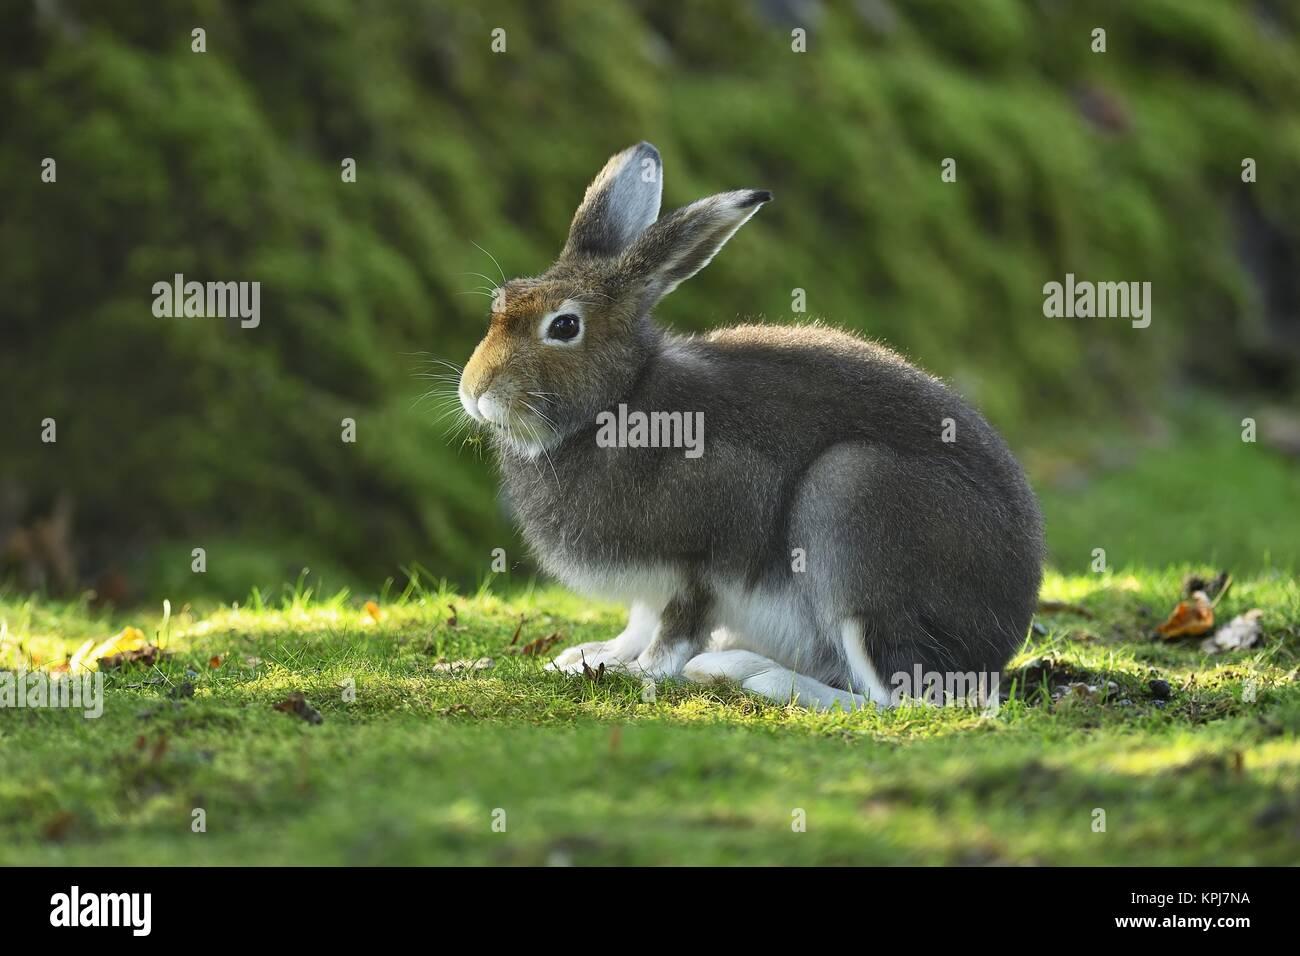 Alpine (lepre Lepus timidus varronis) in cappotto, cambiare vita sedentaria, Canton Svitto, Svizzera Immagini Stock